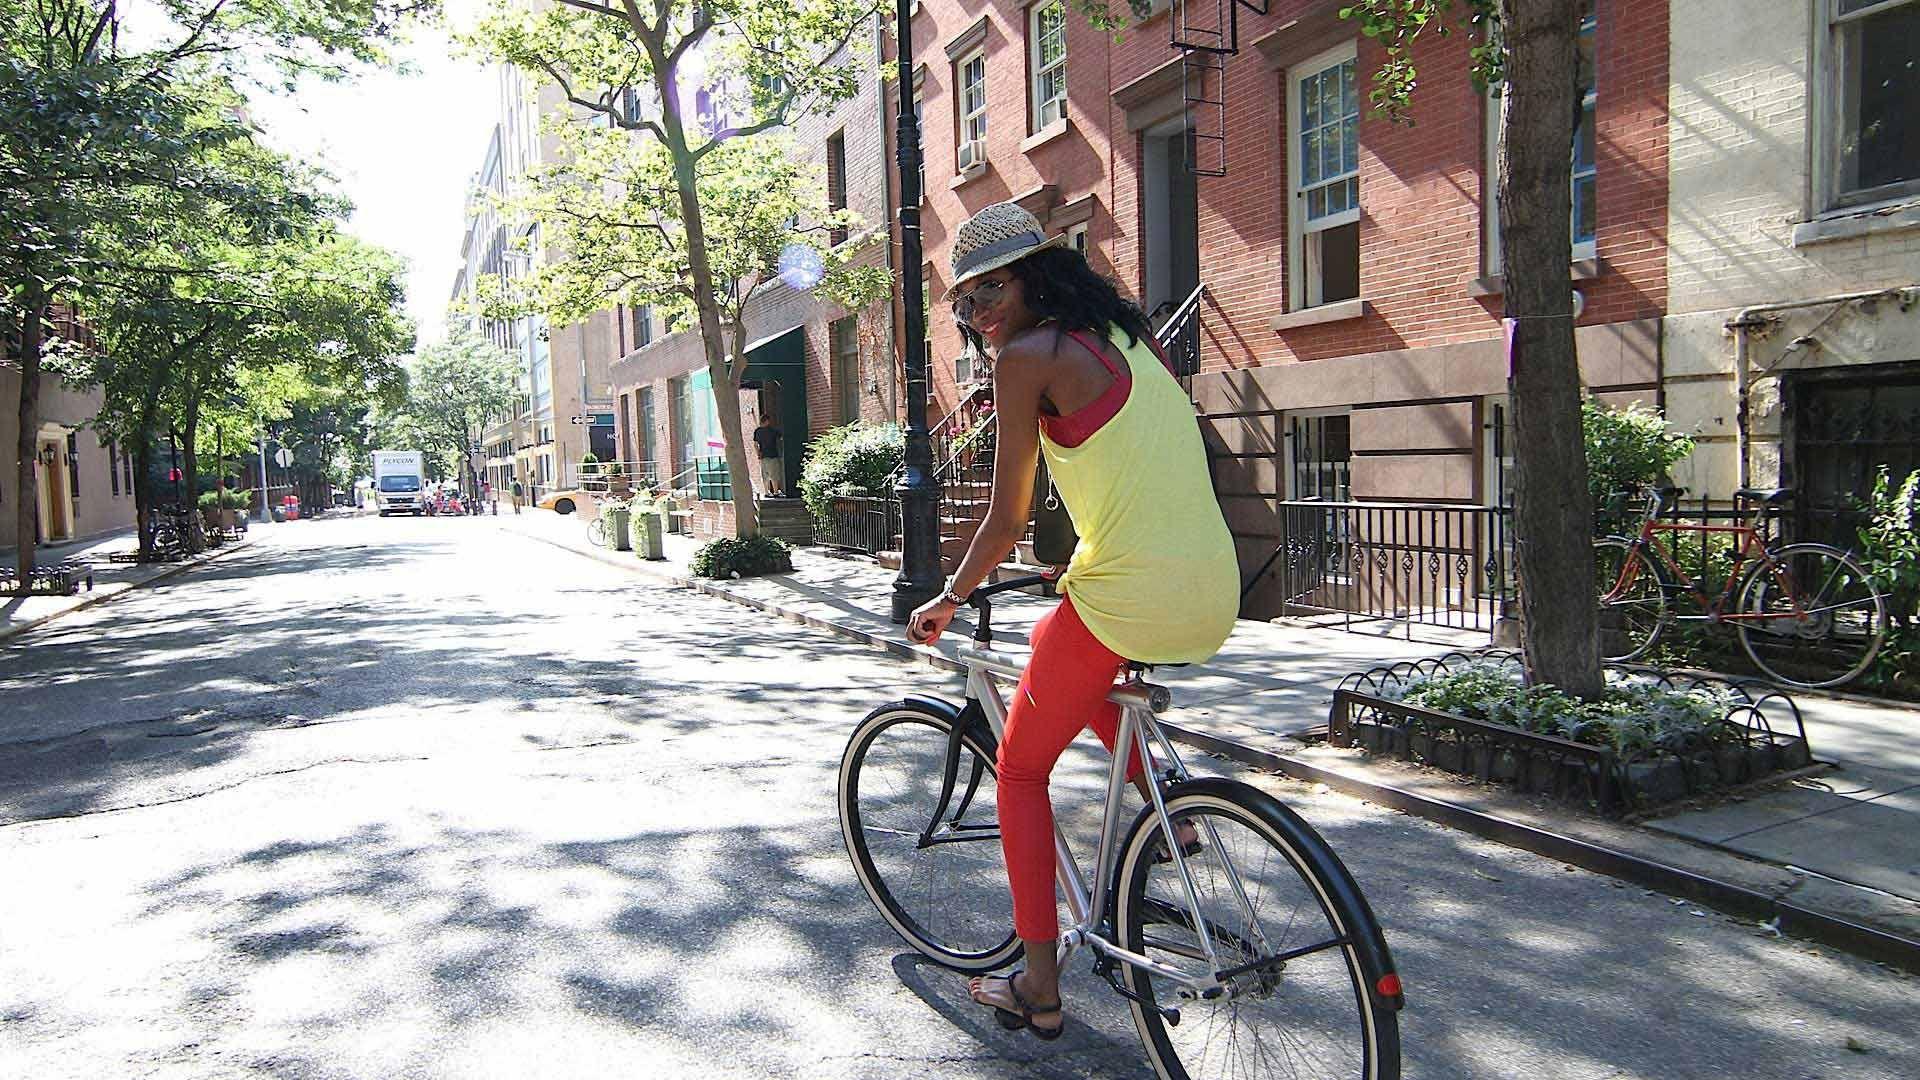 Vanmoof Commuter Bicycles